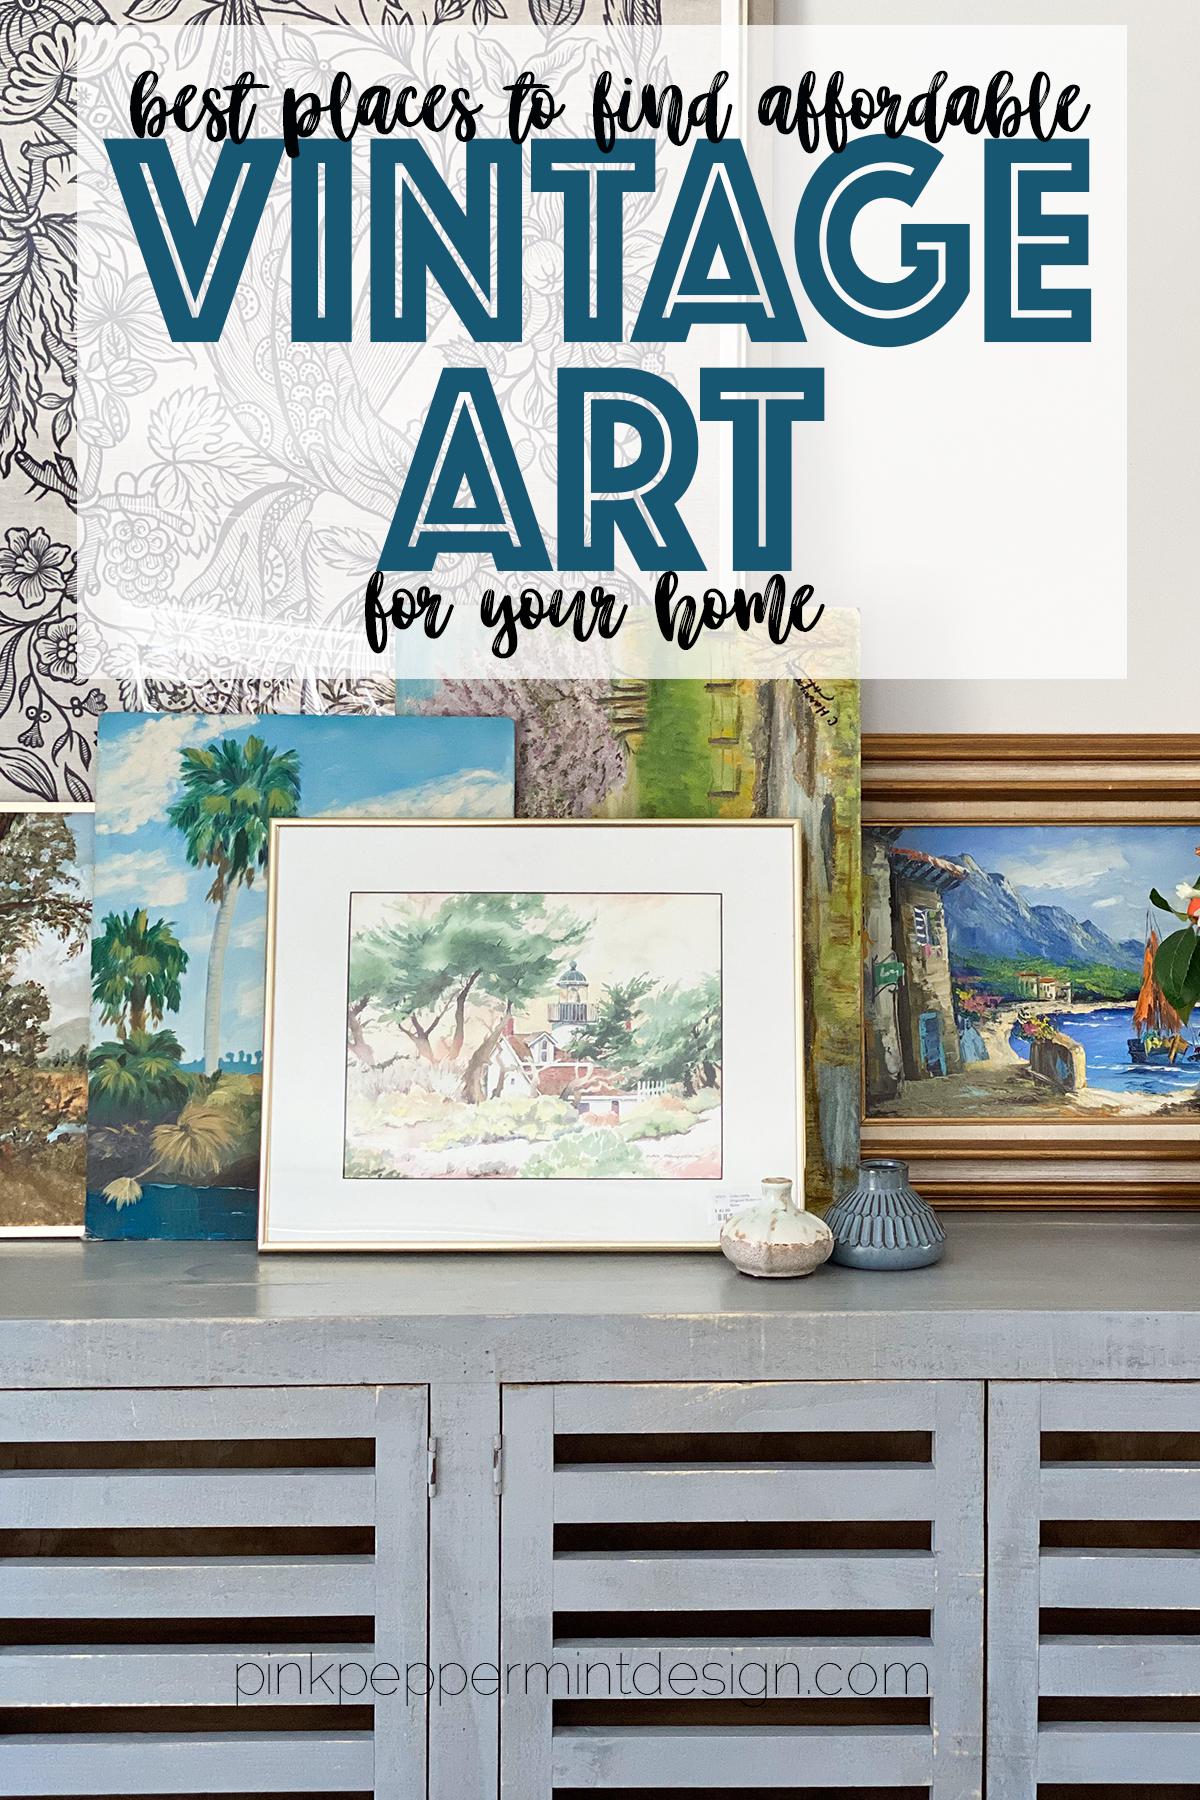 Affordable vintage art